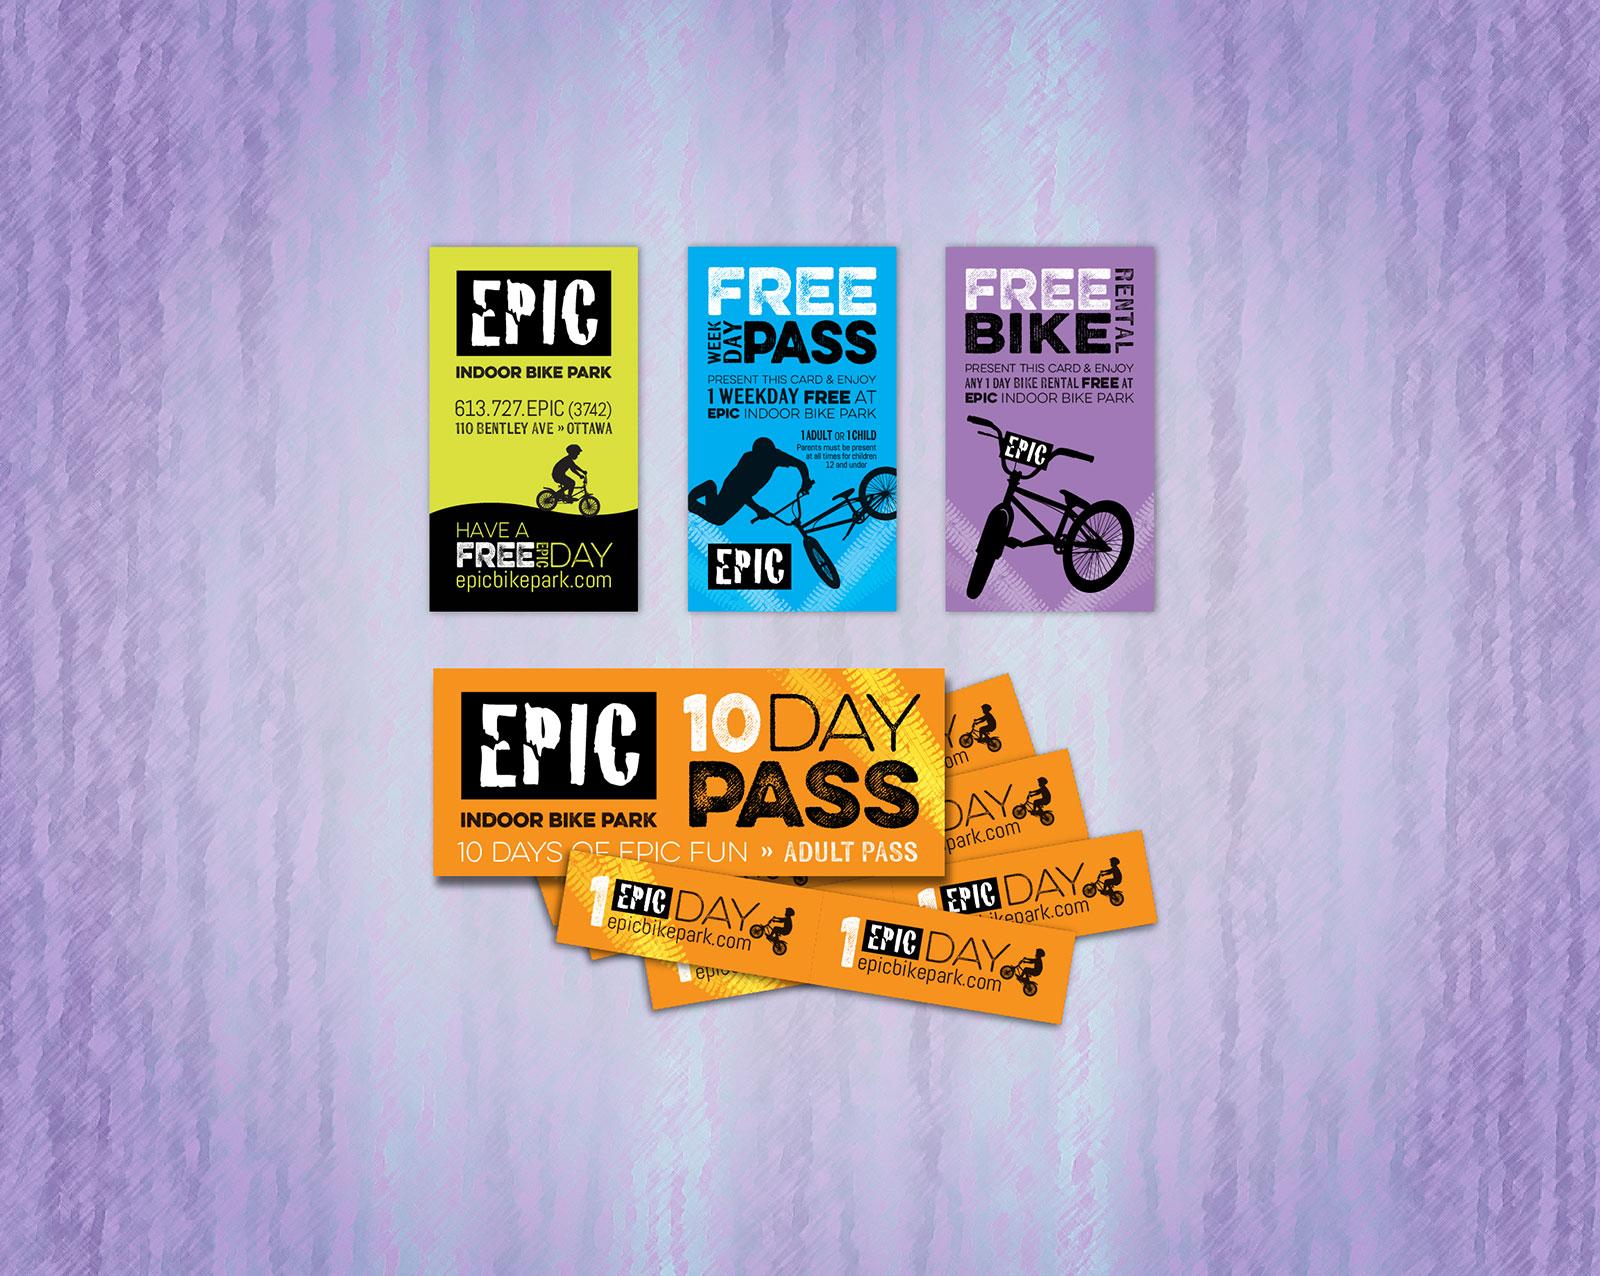 EPIC-freepasses